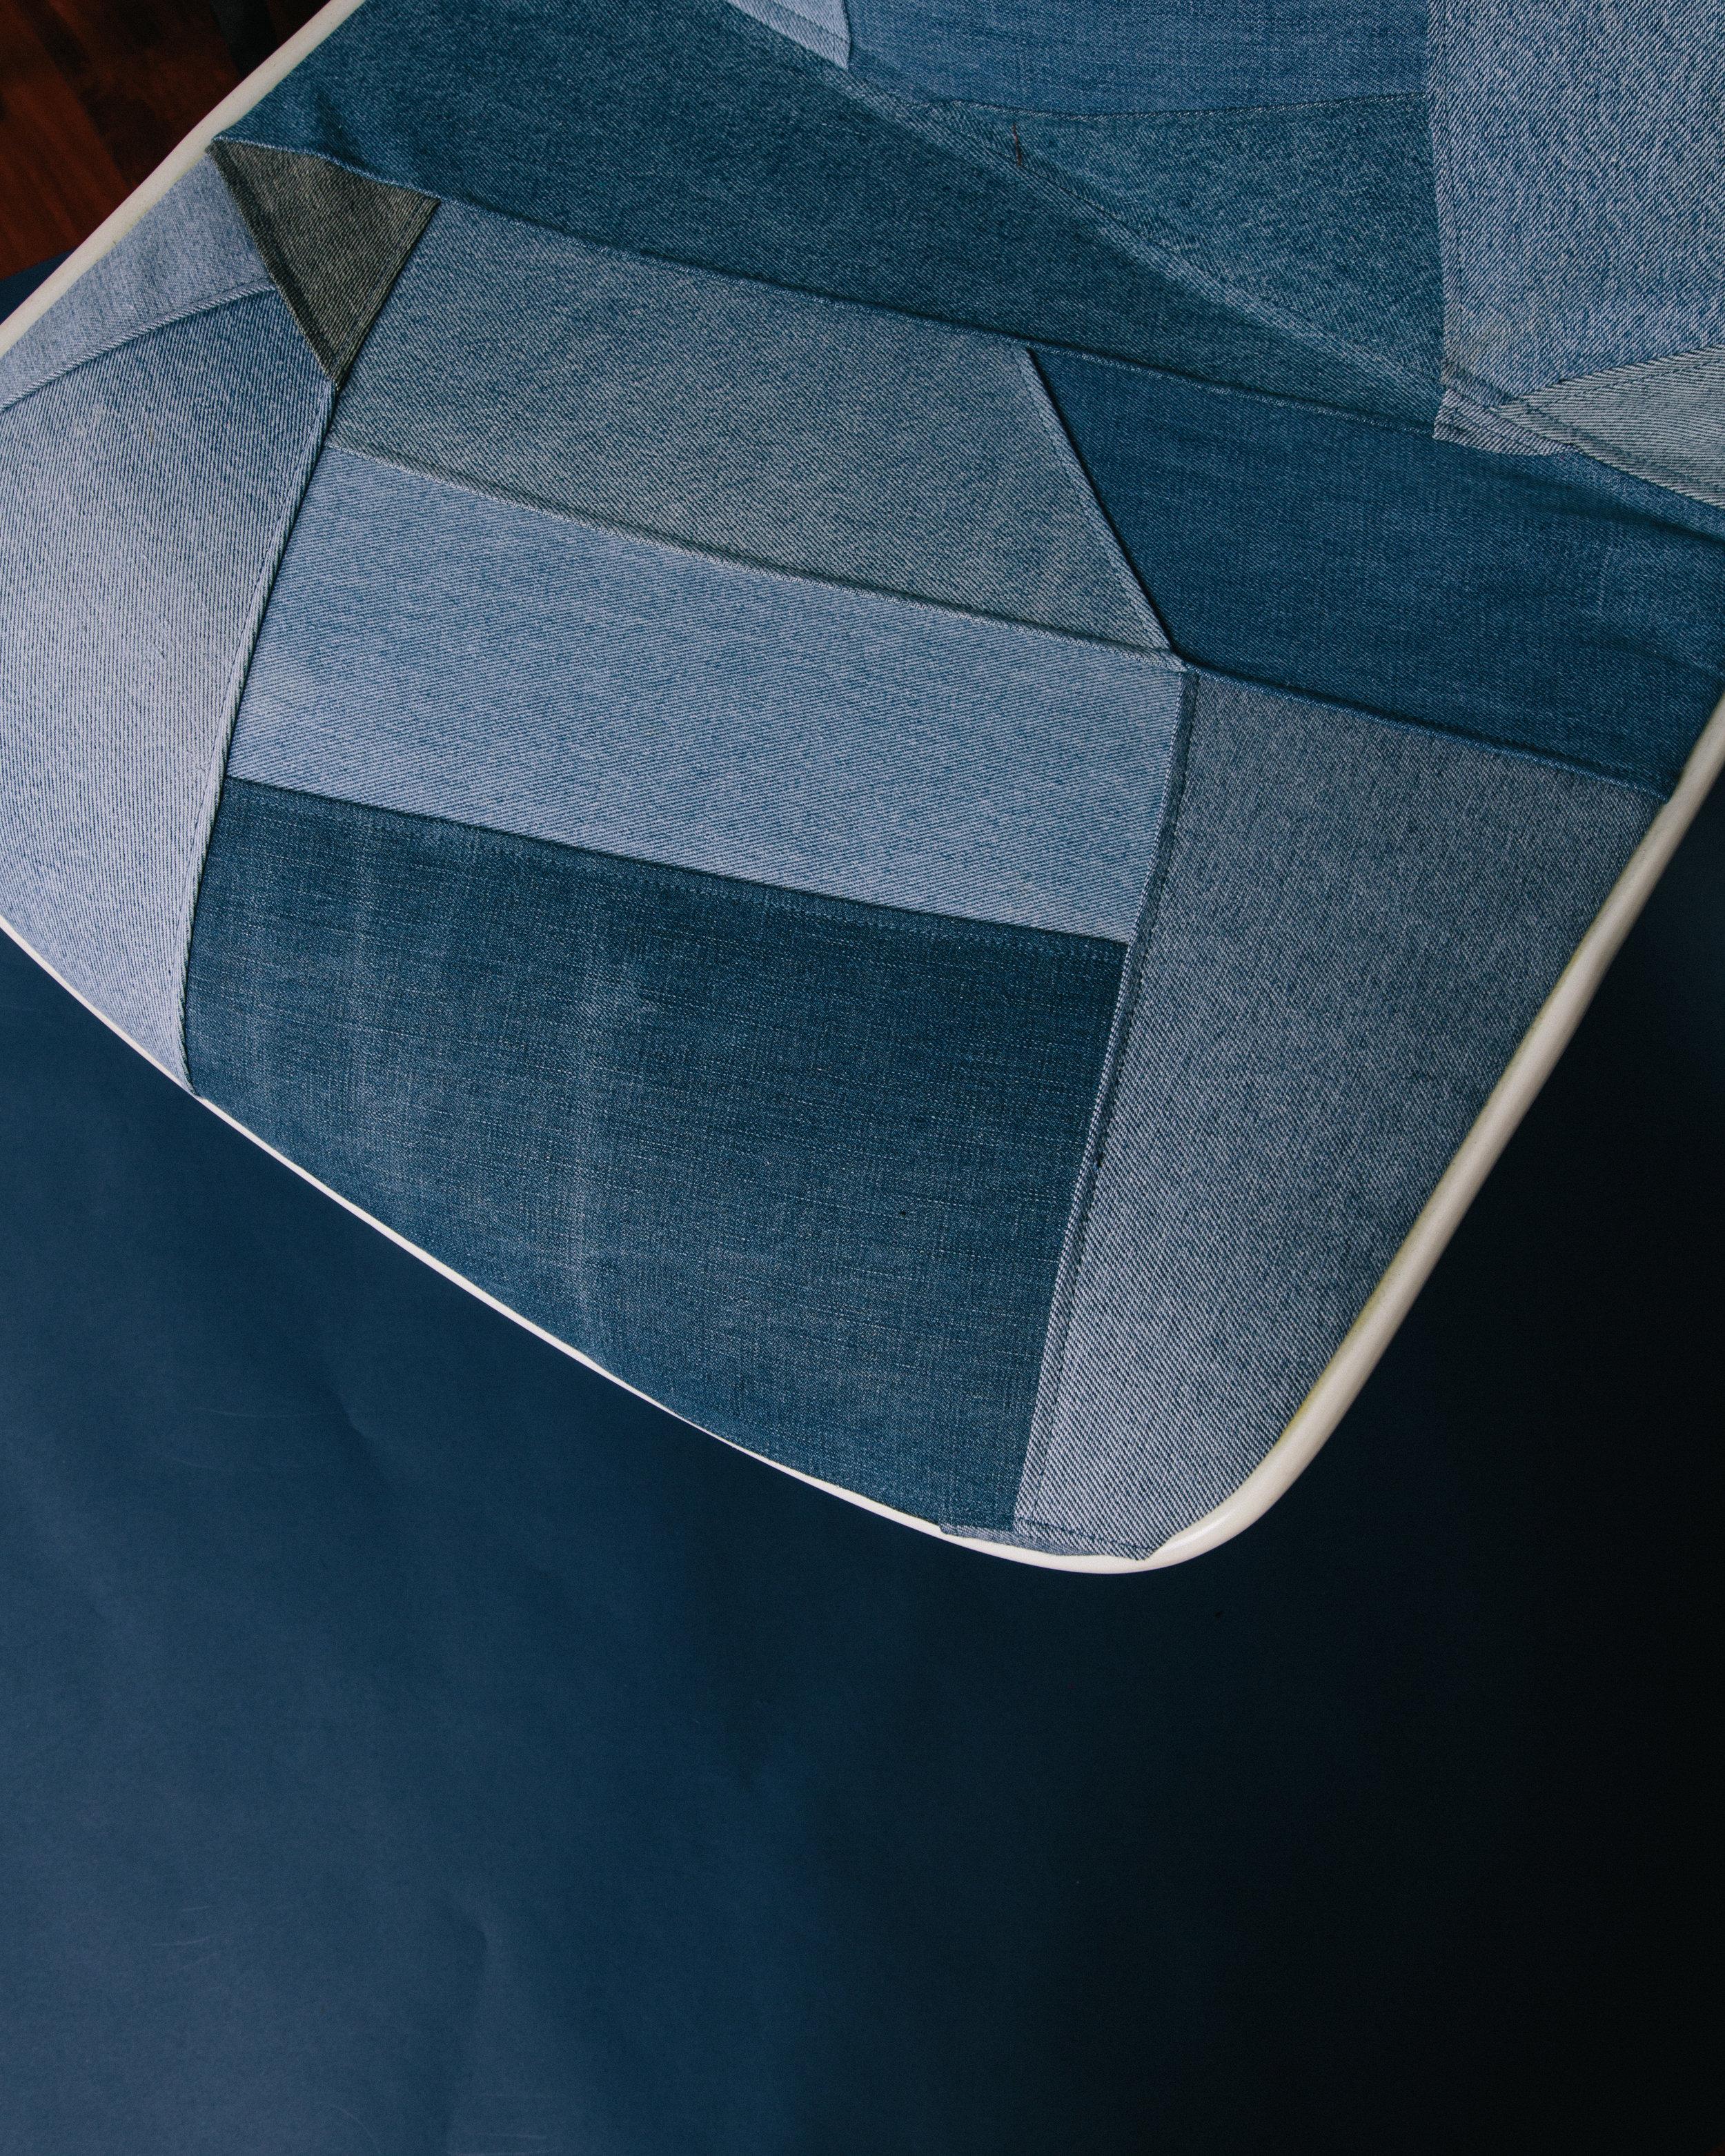 chair-309.jpg